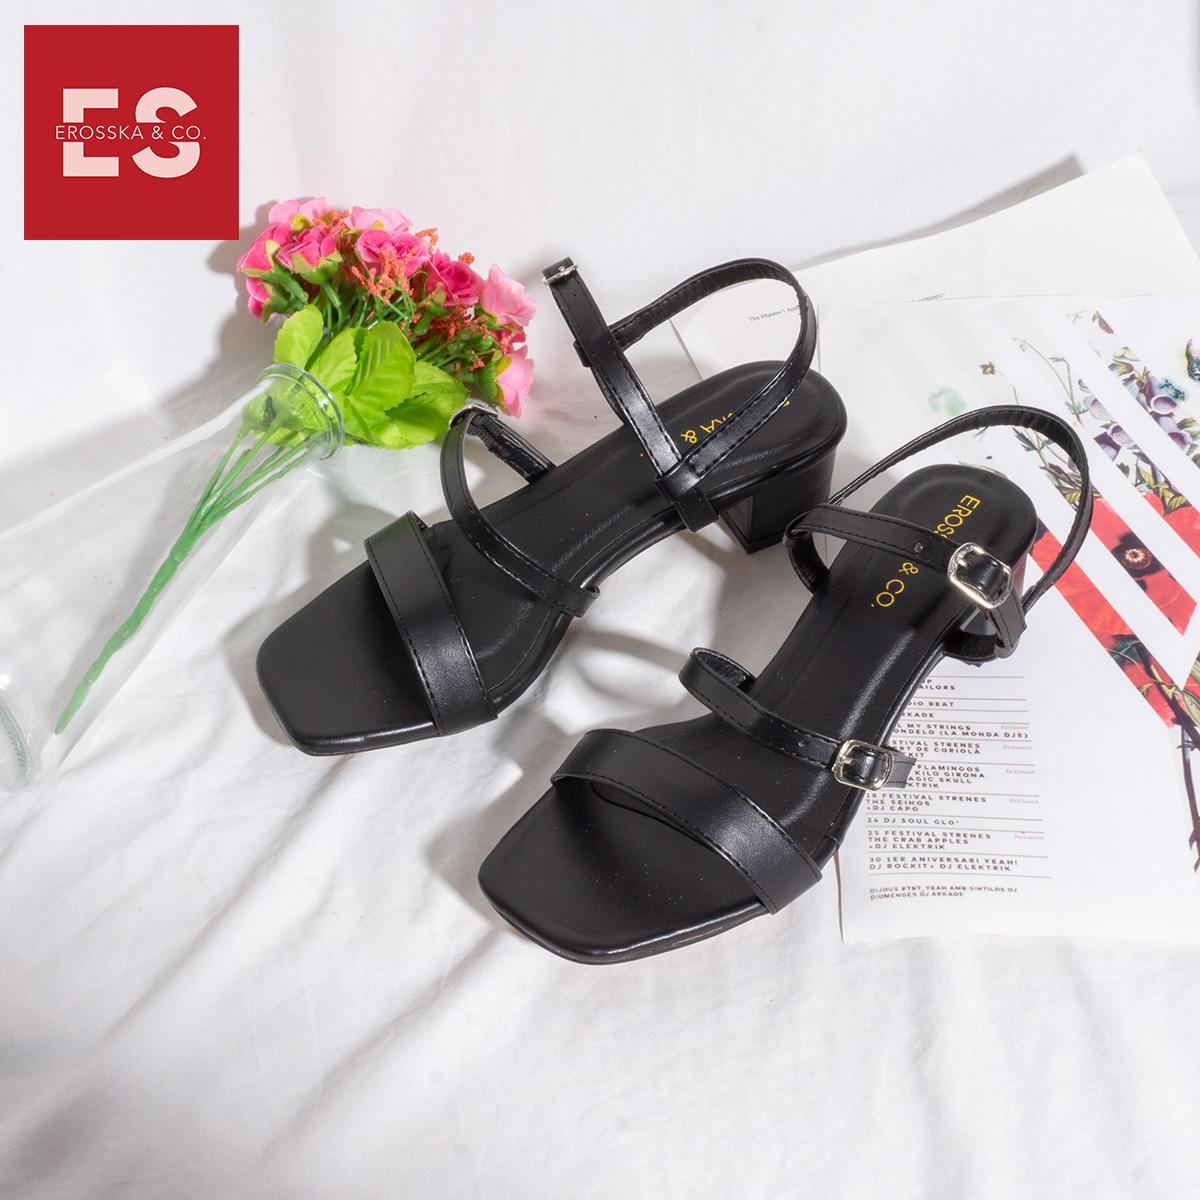 Gia y sandal cao gót Erosska thơ i trang mũi vuông phô i dây quai ma nh cao 3cm EB018 6